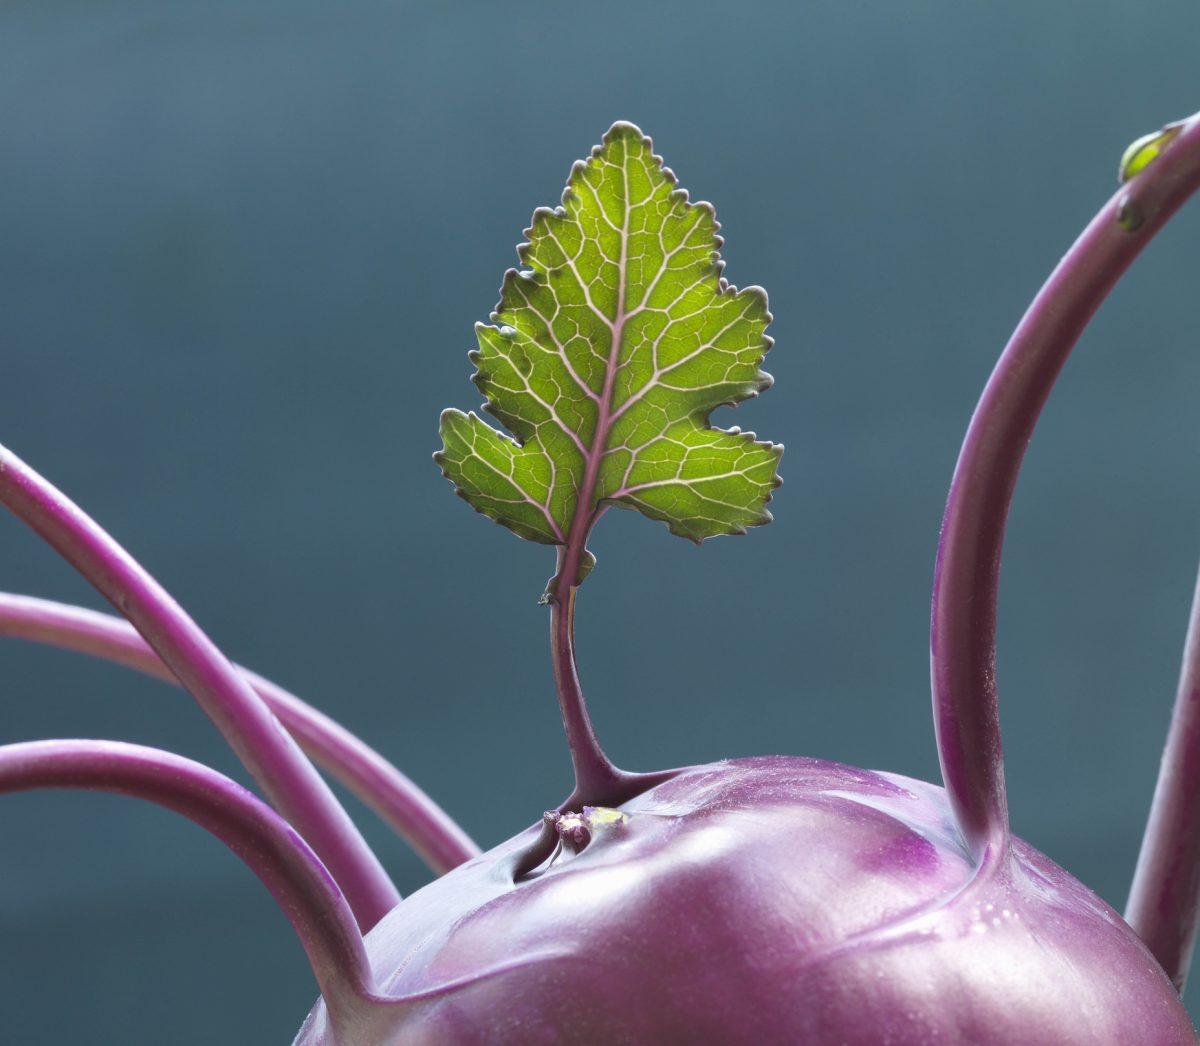 Framtidens Mat & Dryck – En utställning om visioner, hälsotrender och klimatmat på Spritmuseum